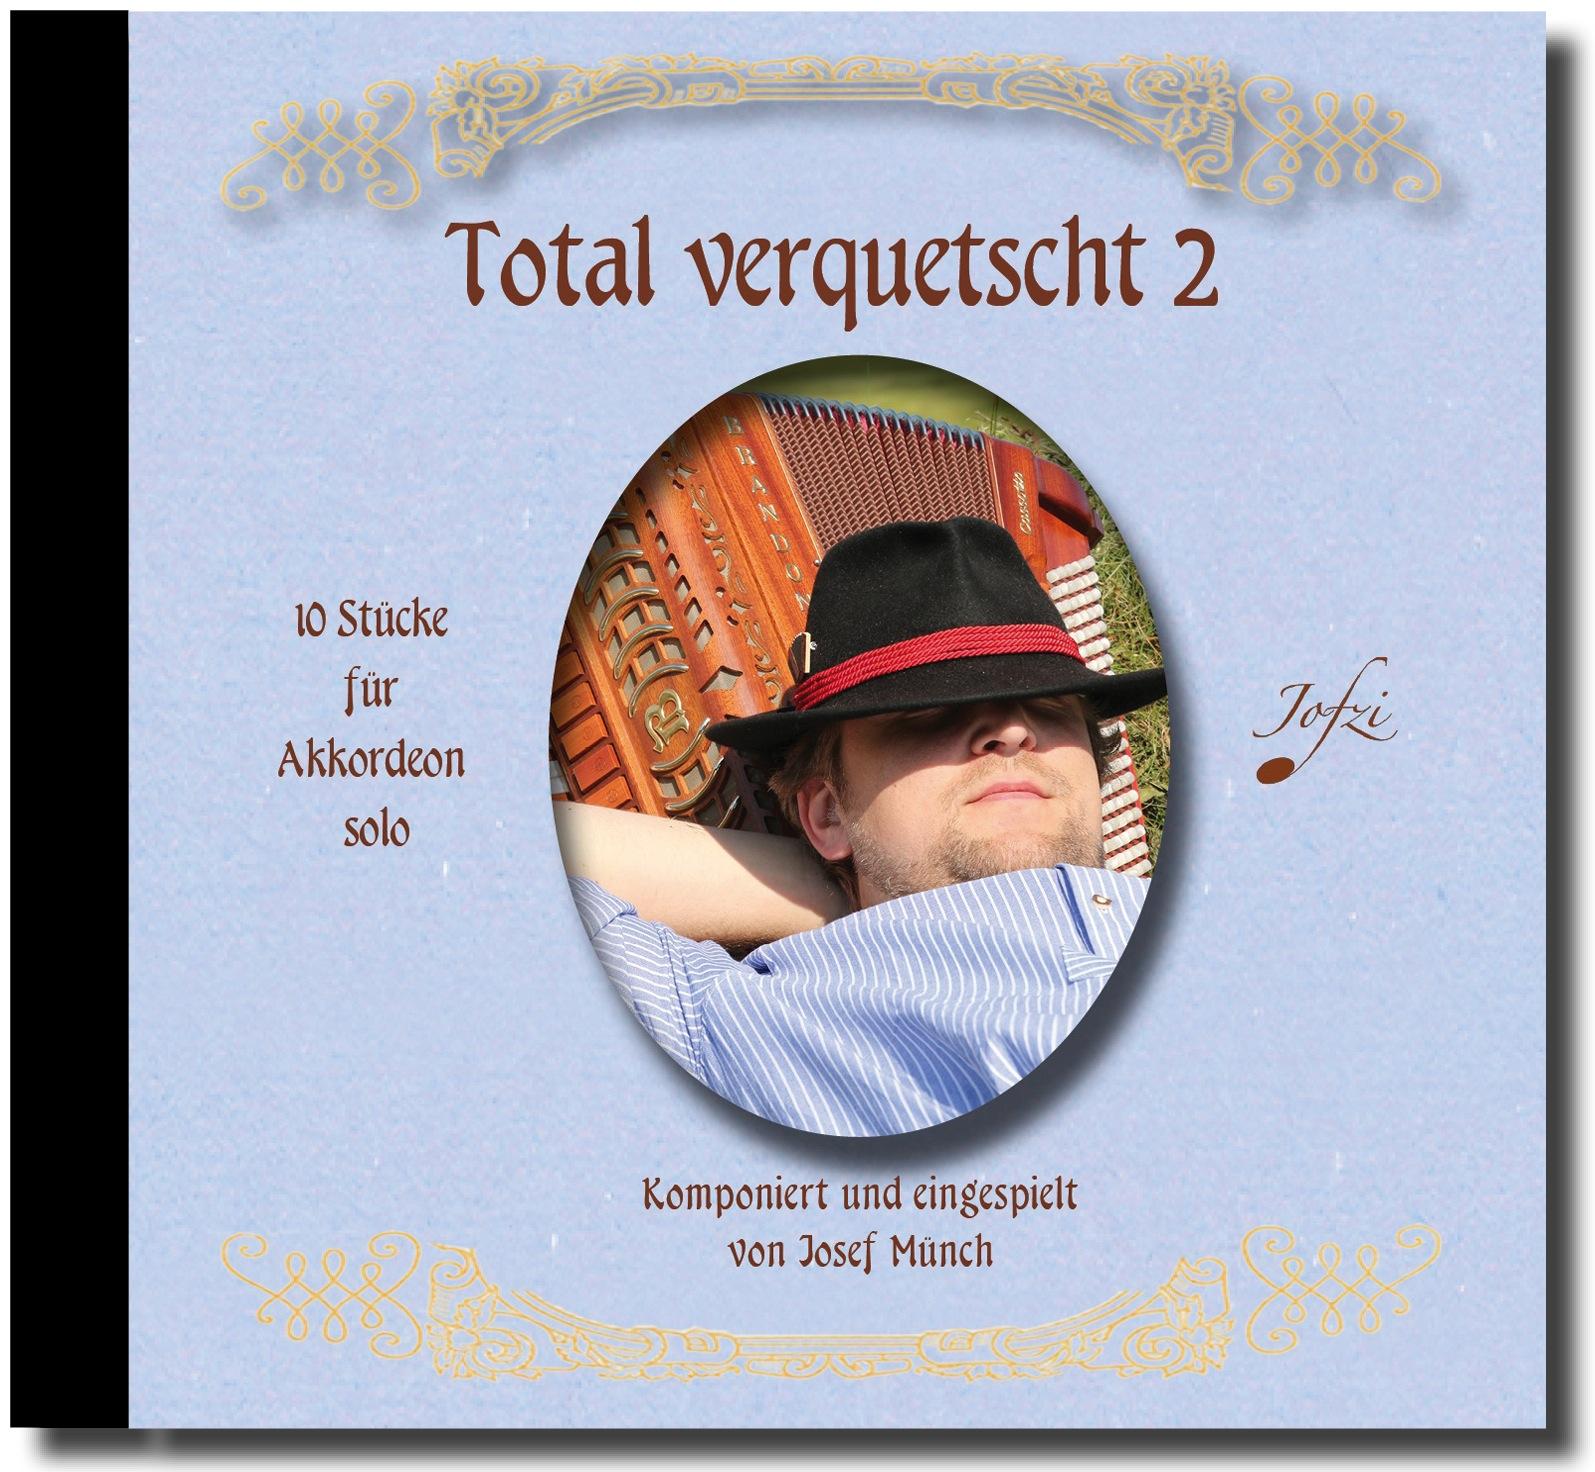 Endlich! Die CD